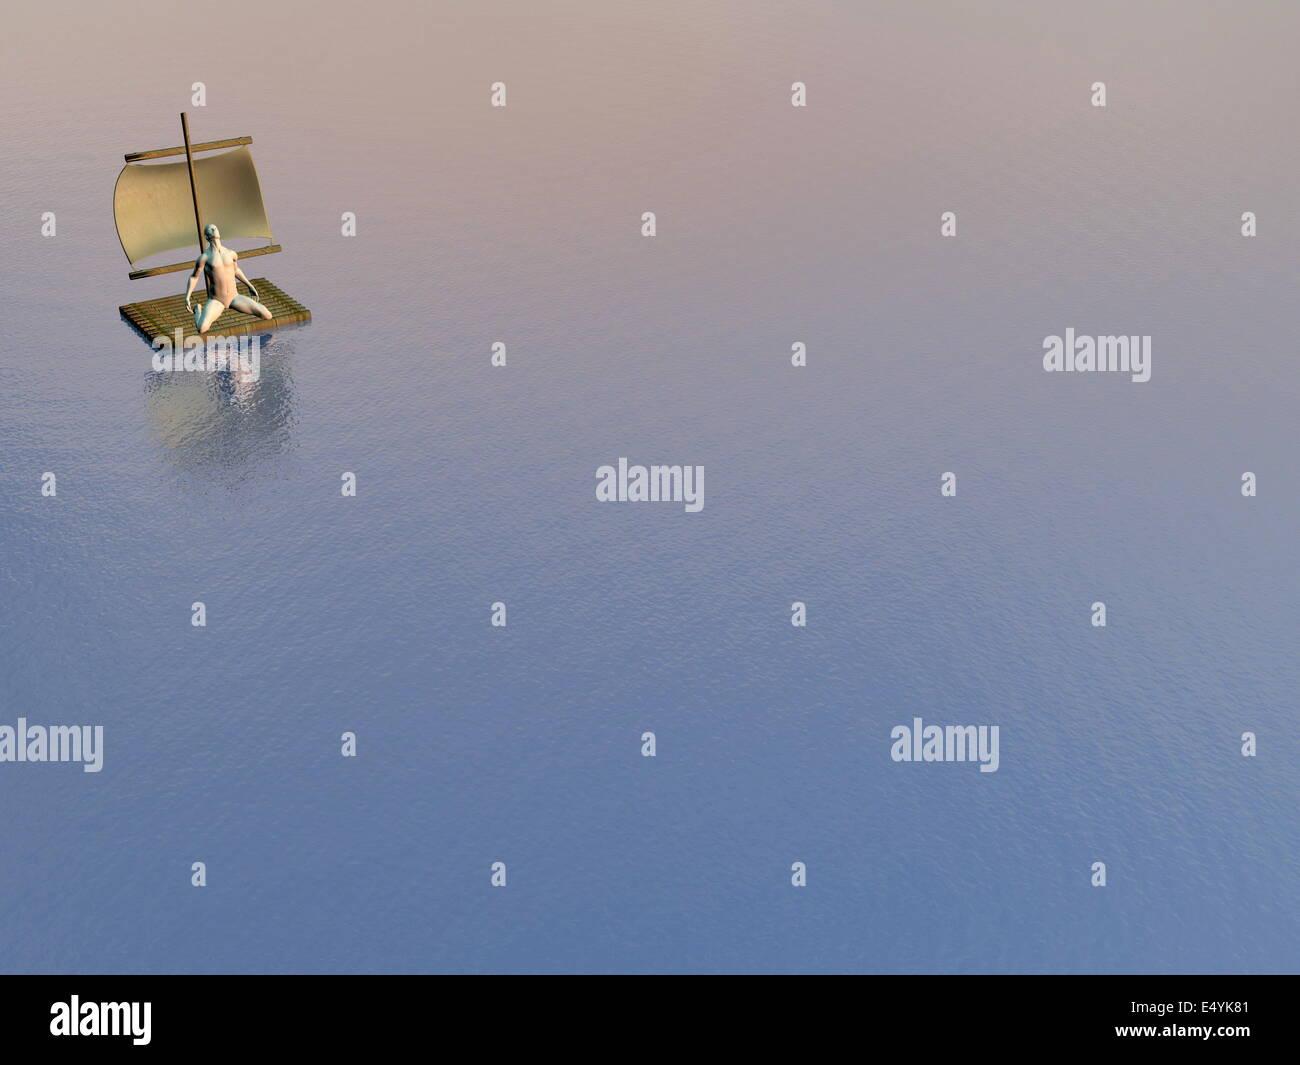 No help - 3D render Stock Photo